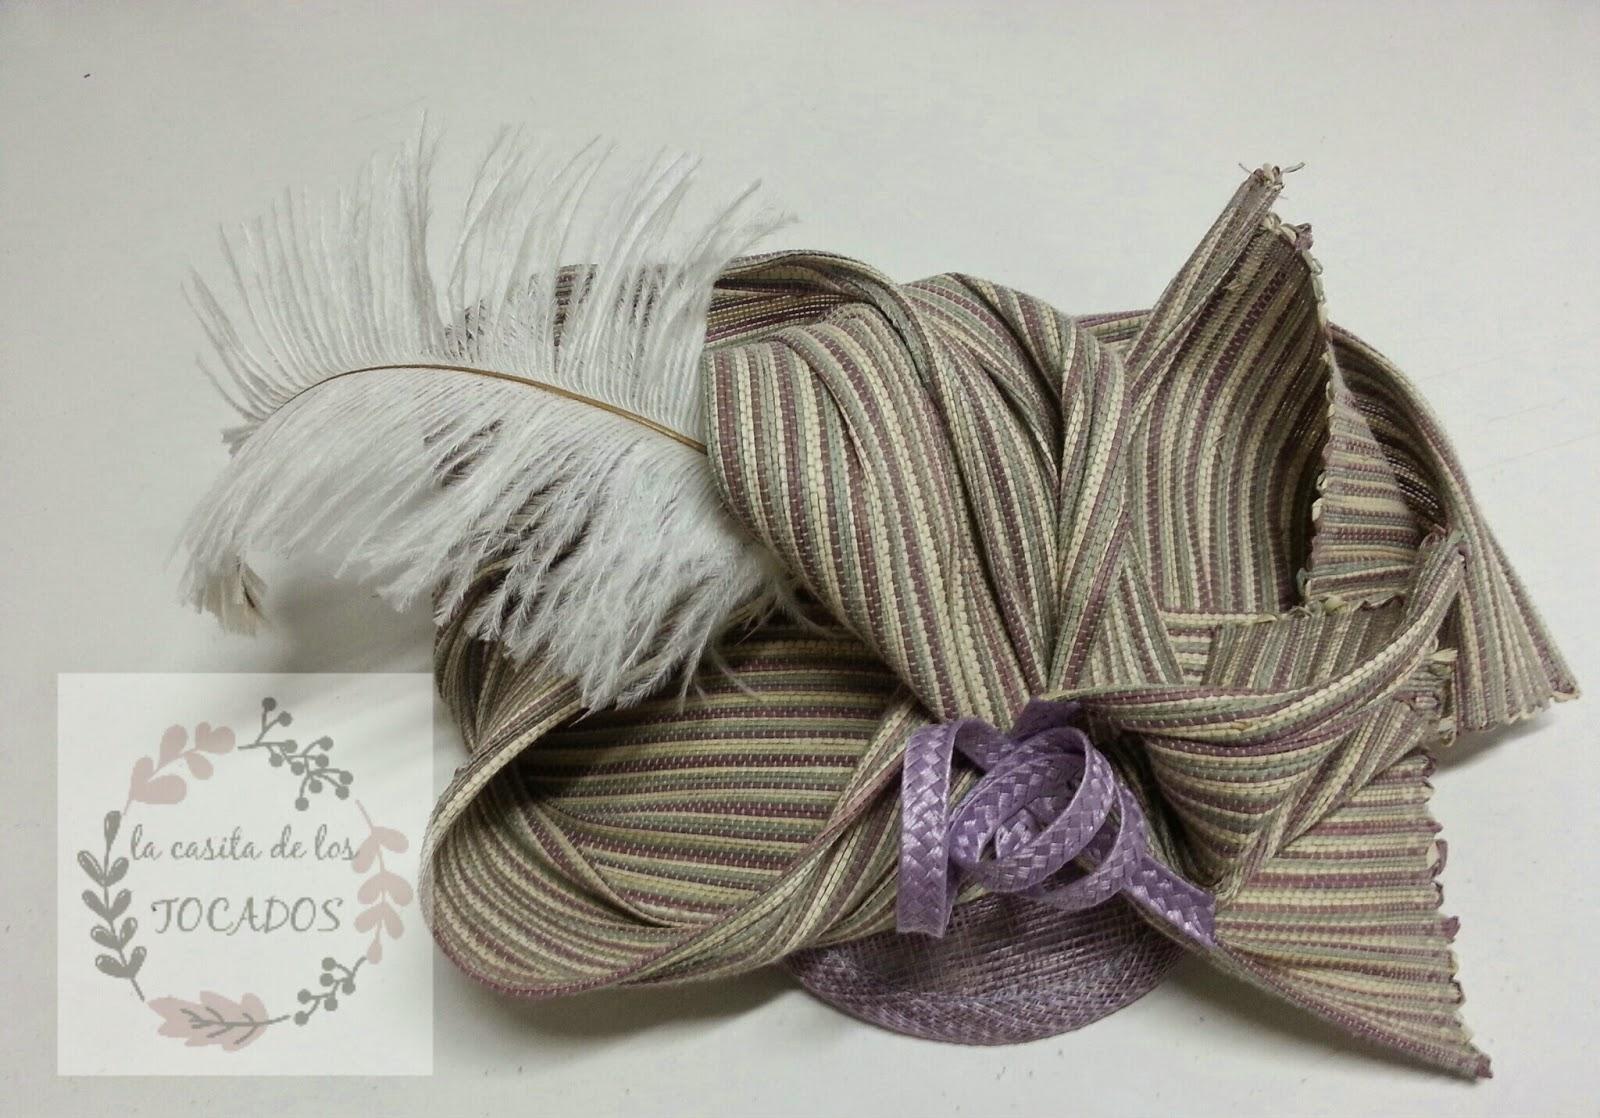 tocado artesanal para boda con pluma de avestruz de tamaño medio